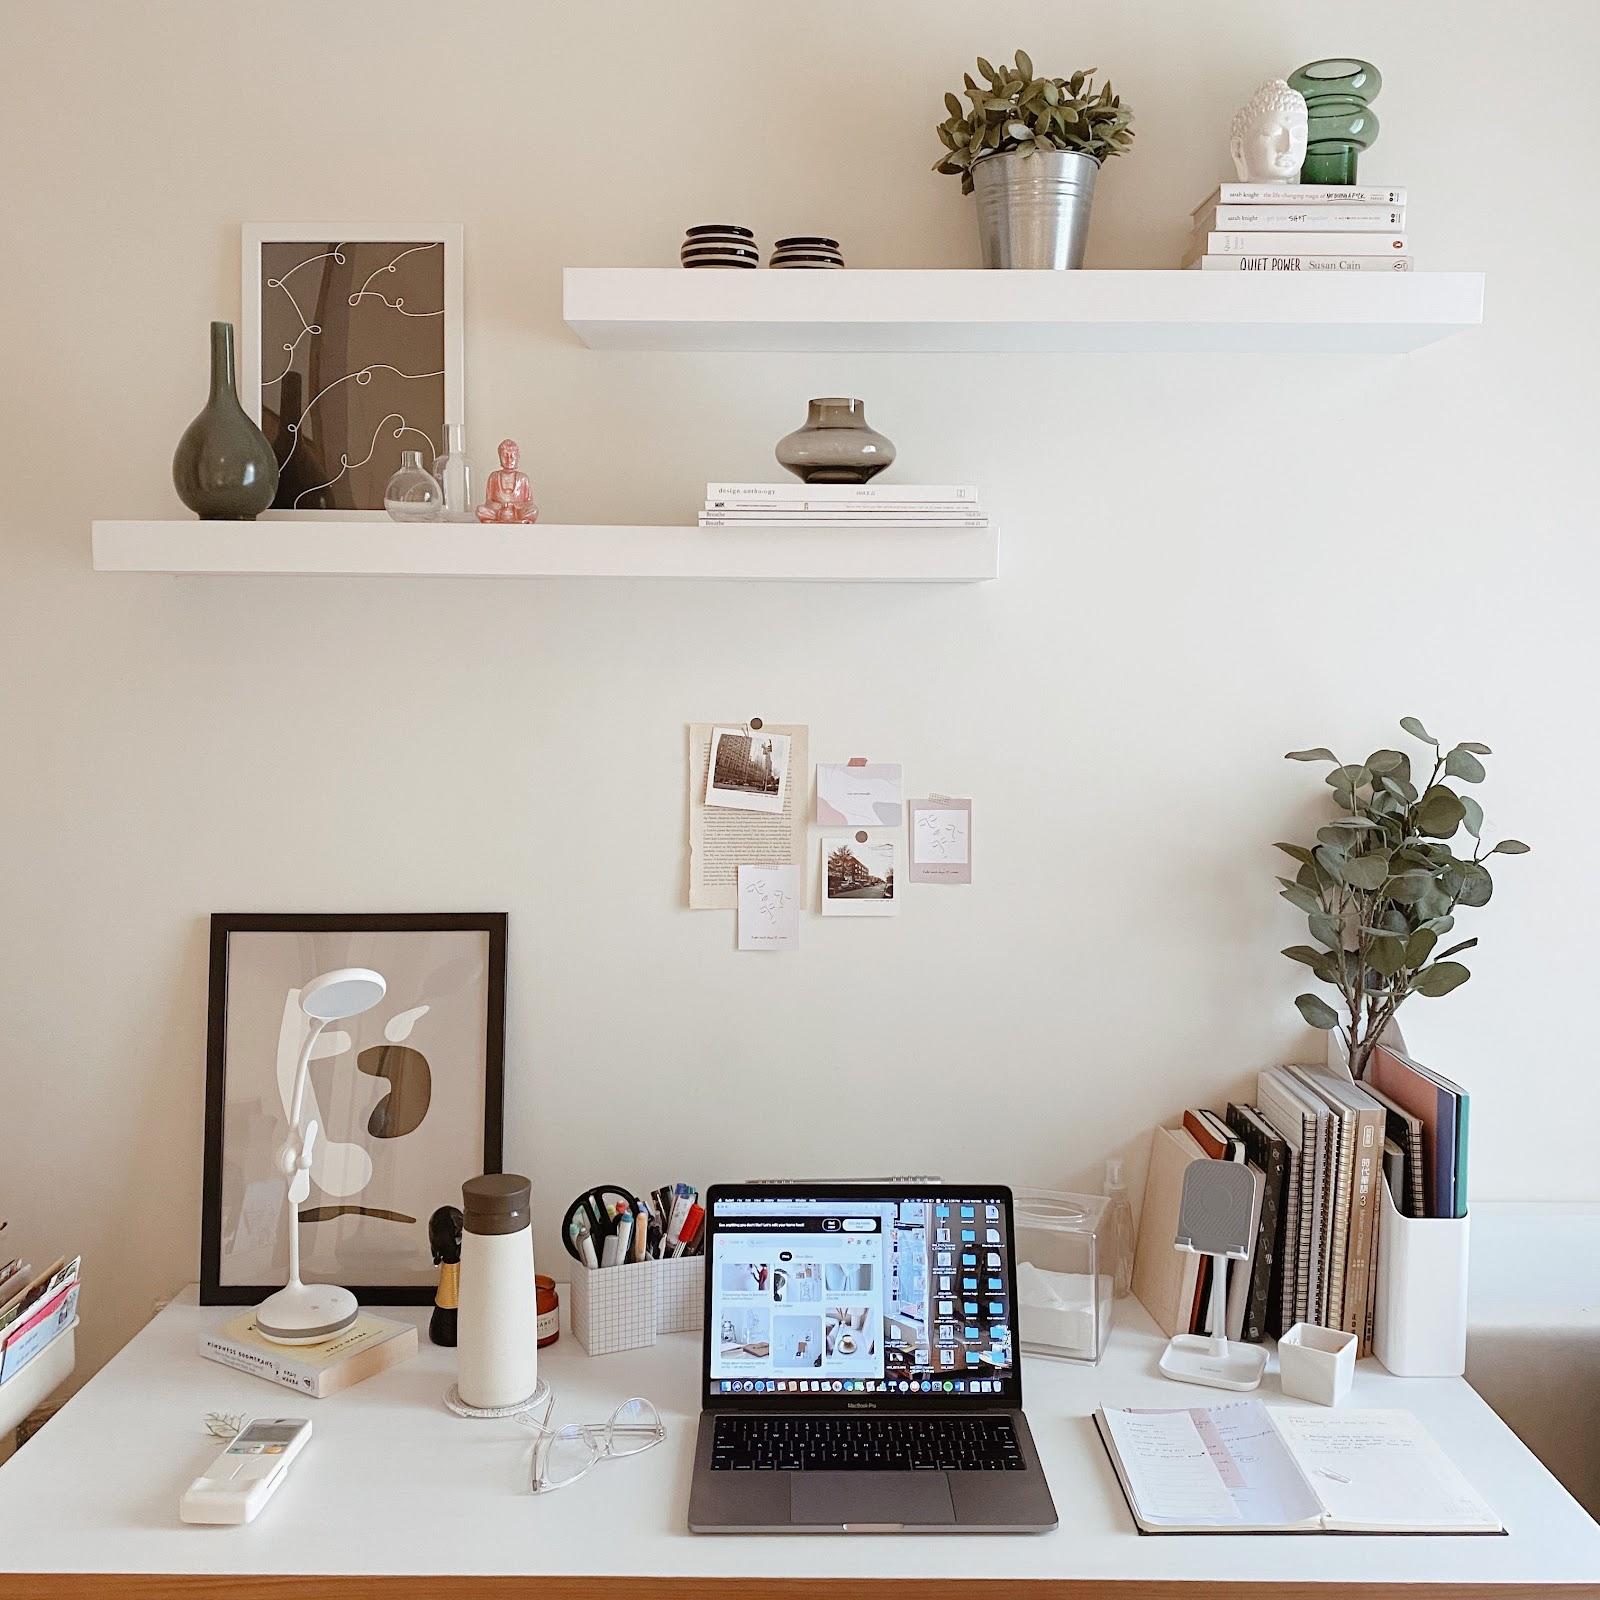 Inspirasi dekorasi area atau ruang kerja - source: instagram.com/keziamariska/